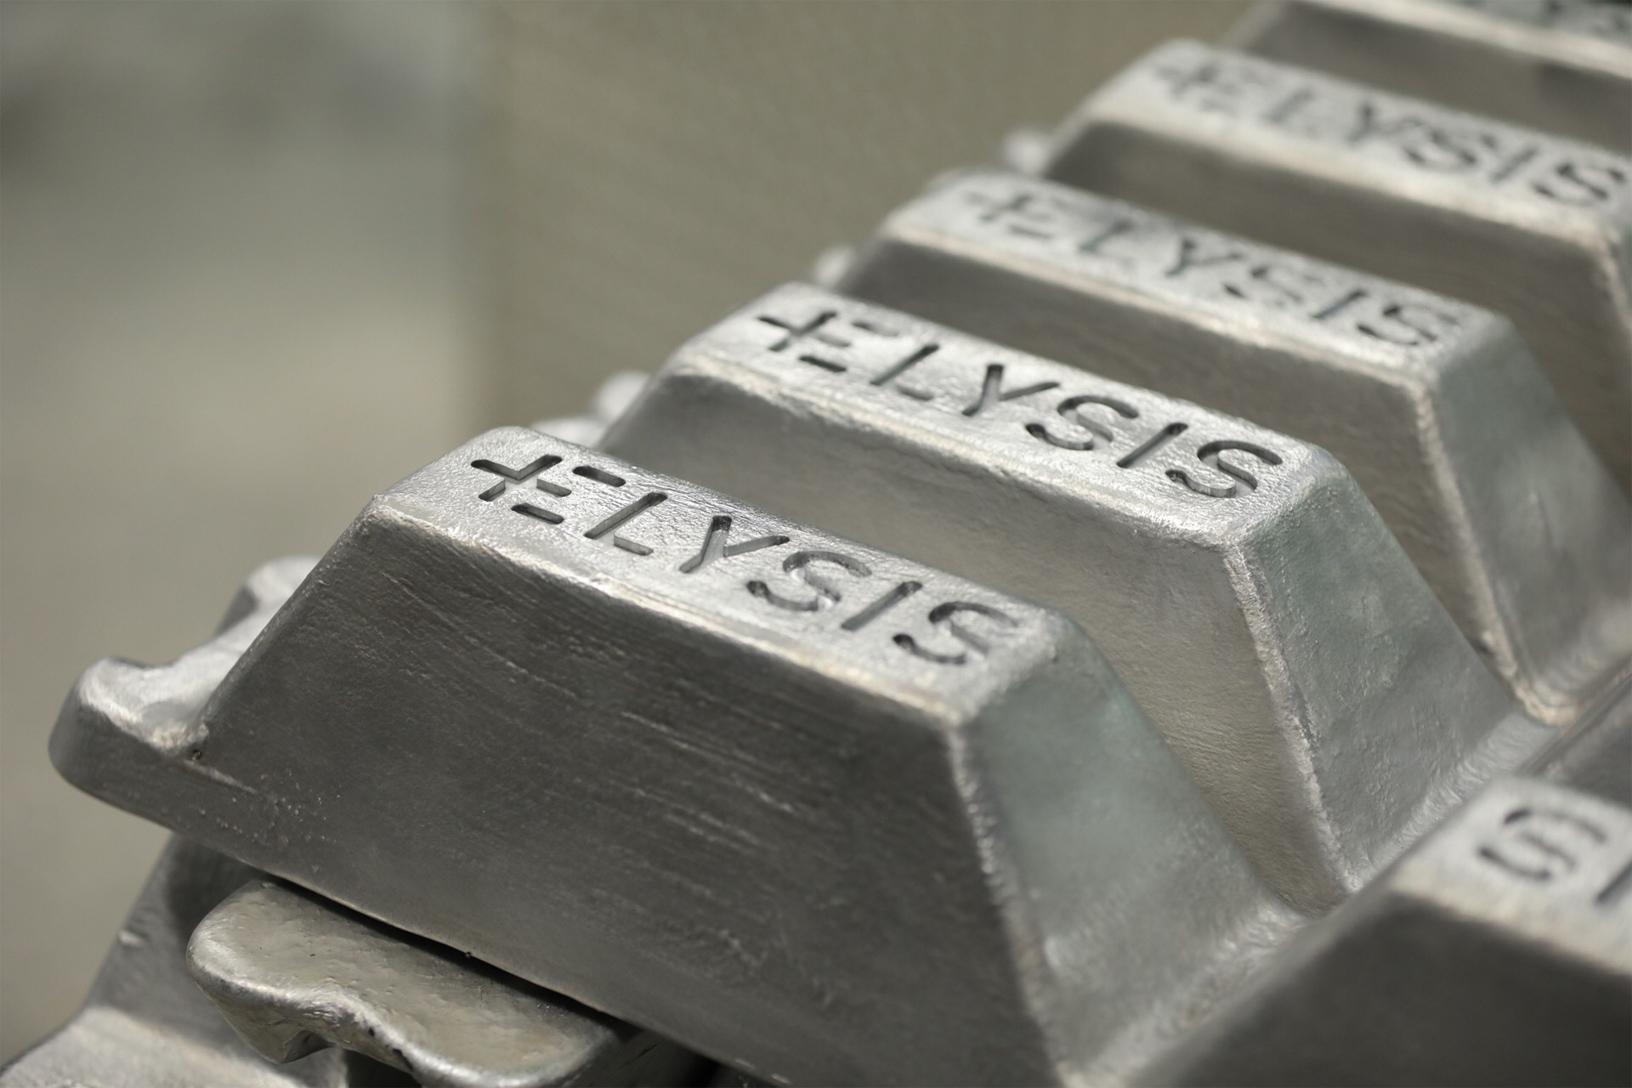 Apple's next revolutionary product launch: Aluminium Plus